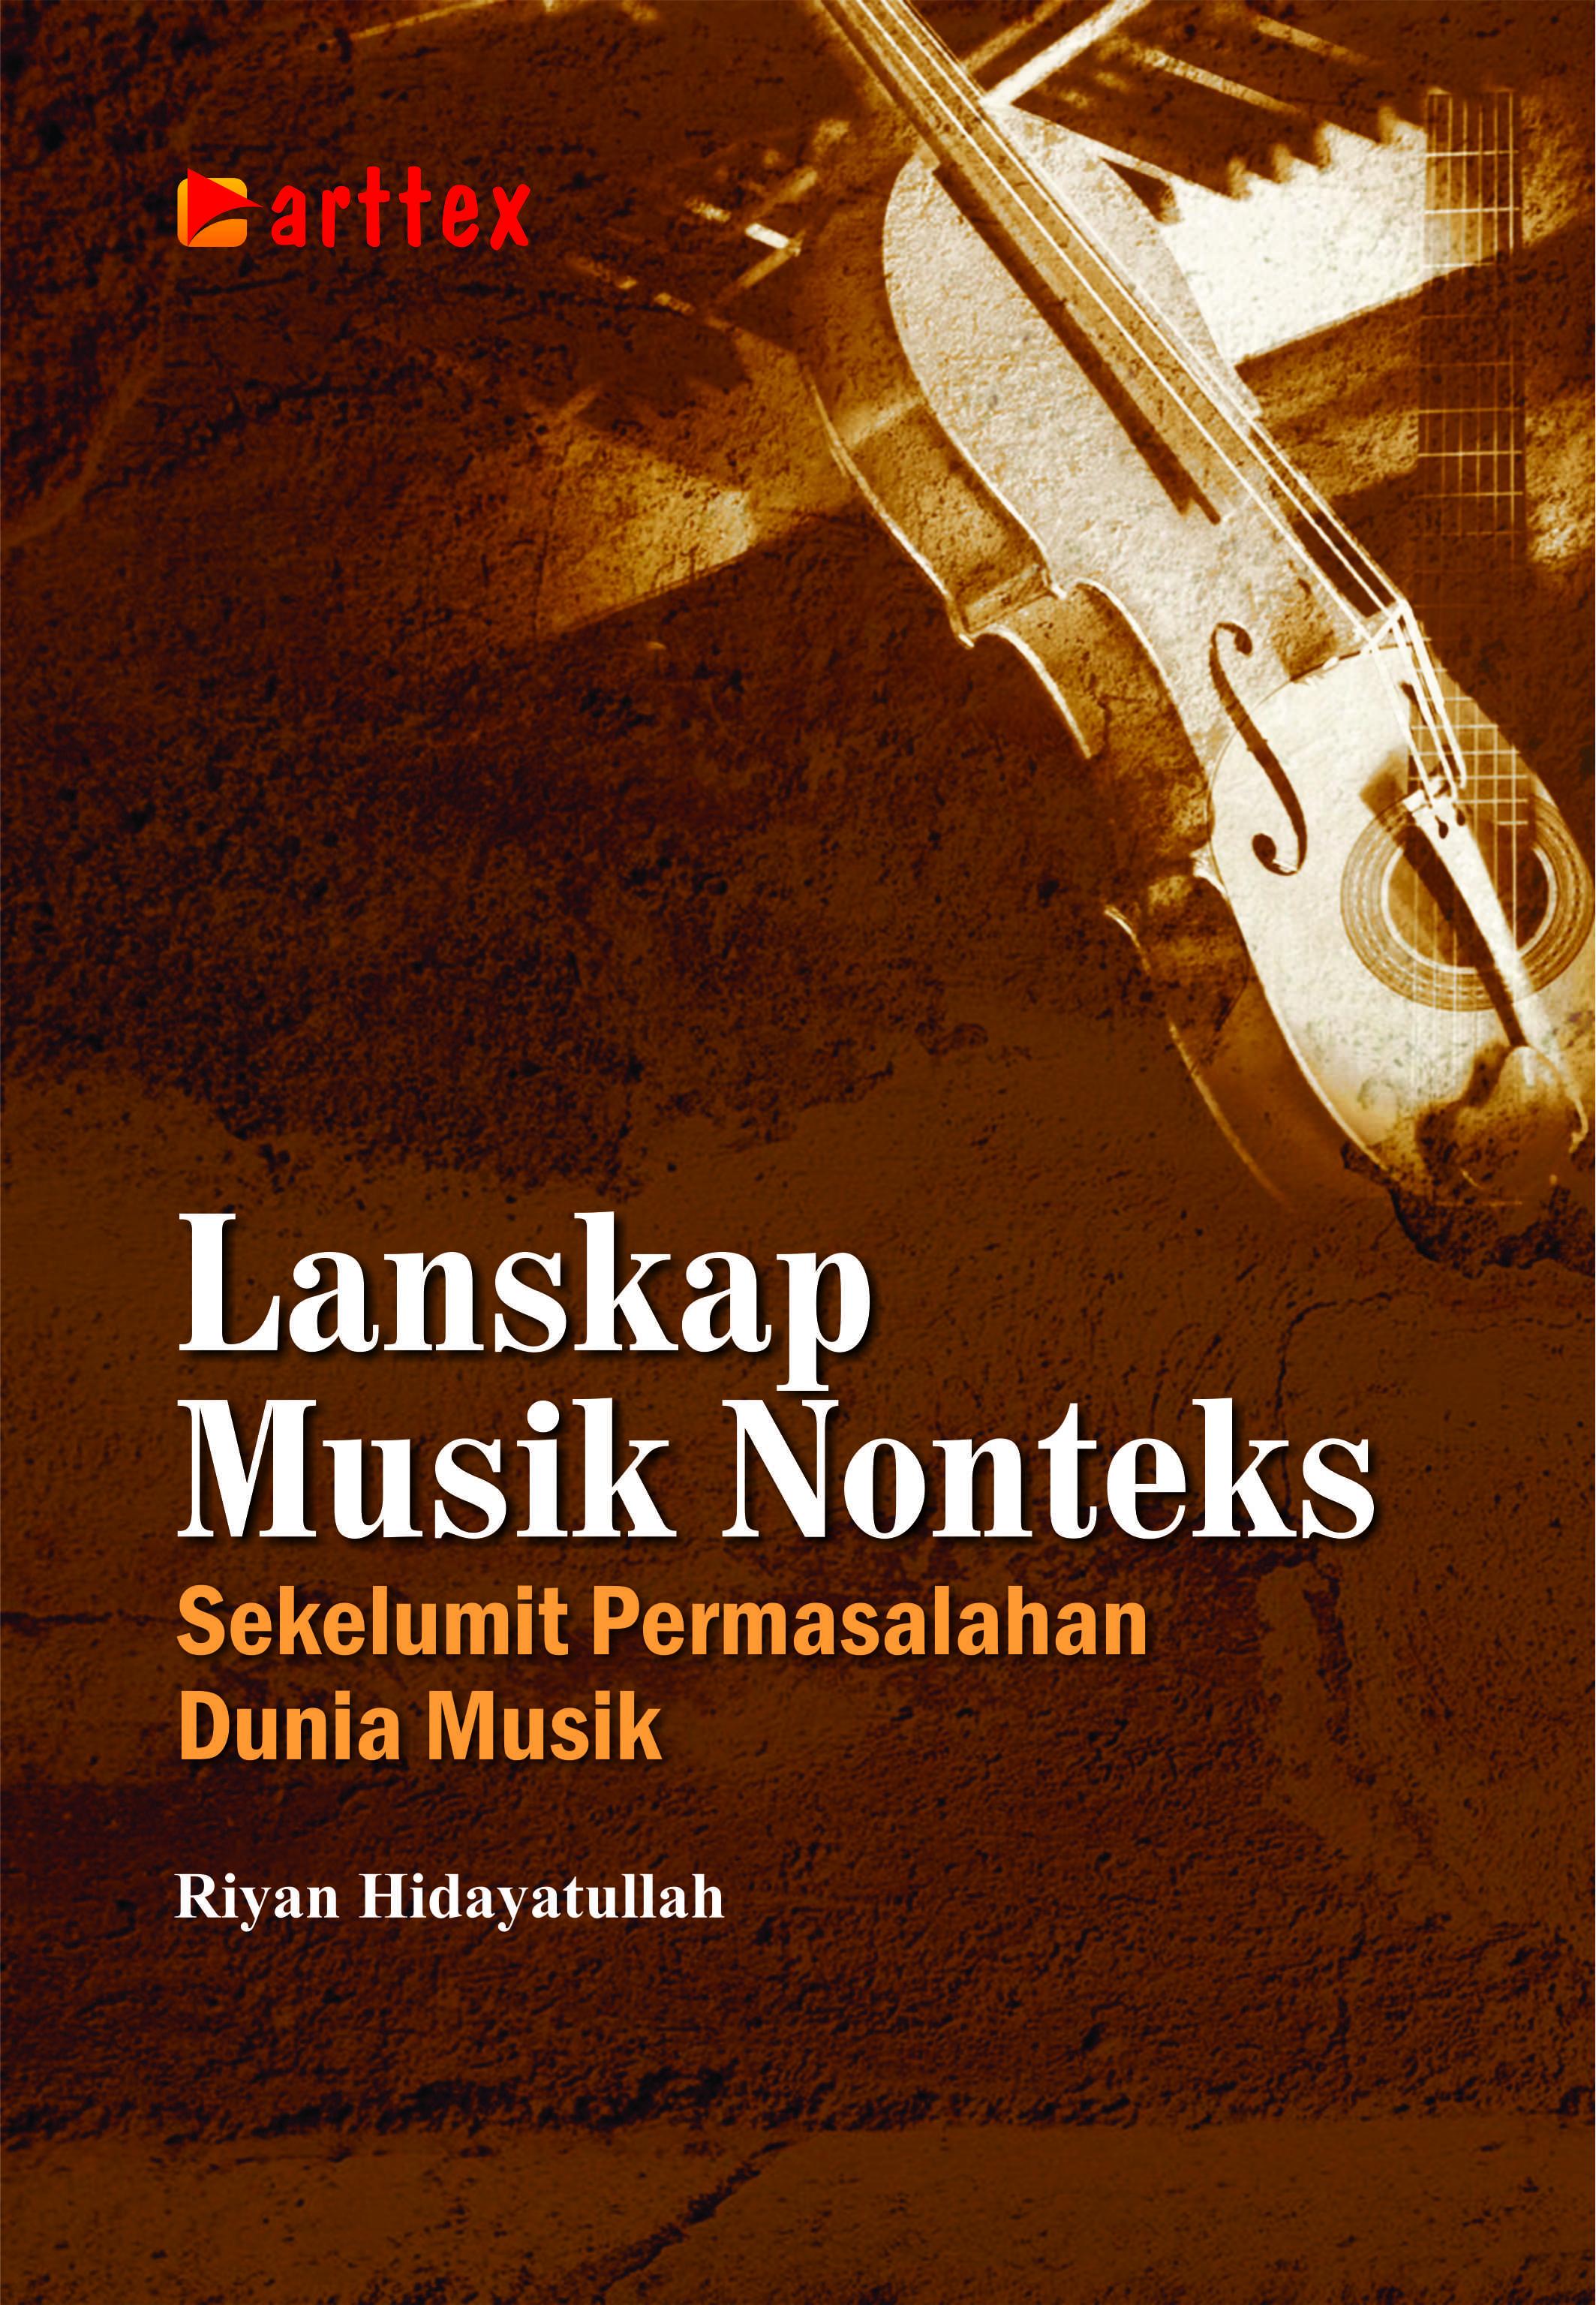 Lanskap musik nonteks : sekelumit permasalahan dunia musik